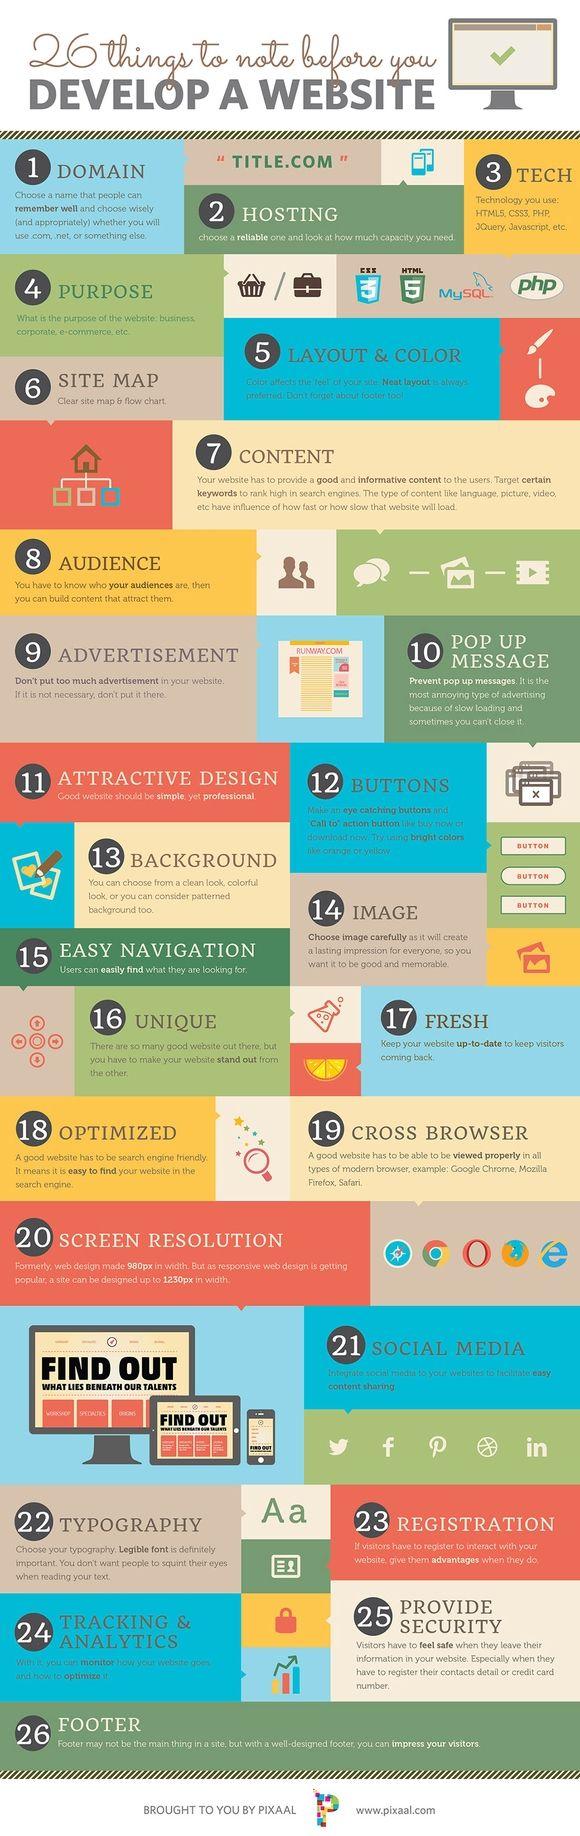 Is Hiring a Cheap Web Designer a Bad Idea? http://beckswebsites.com/cheap-web-designer/